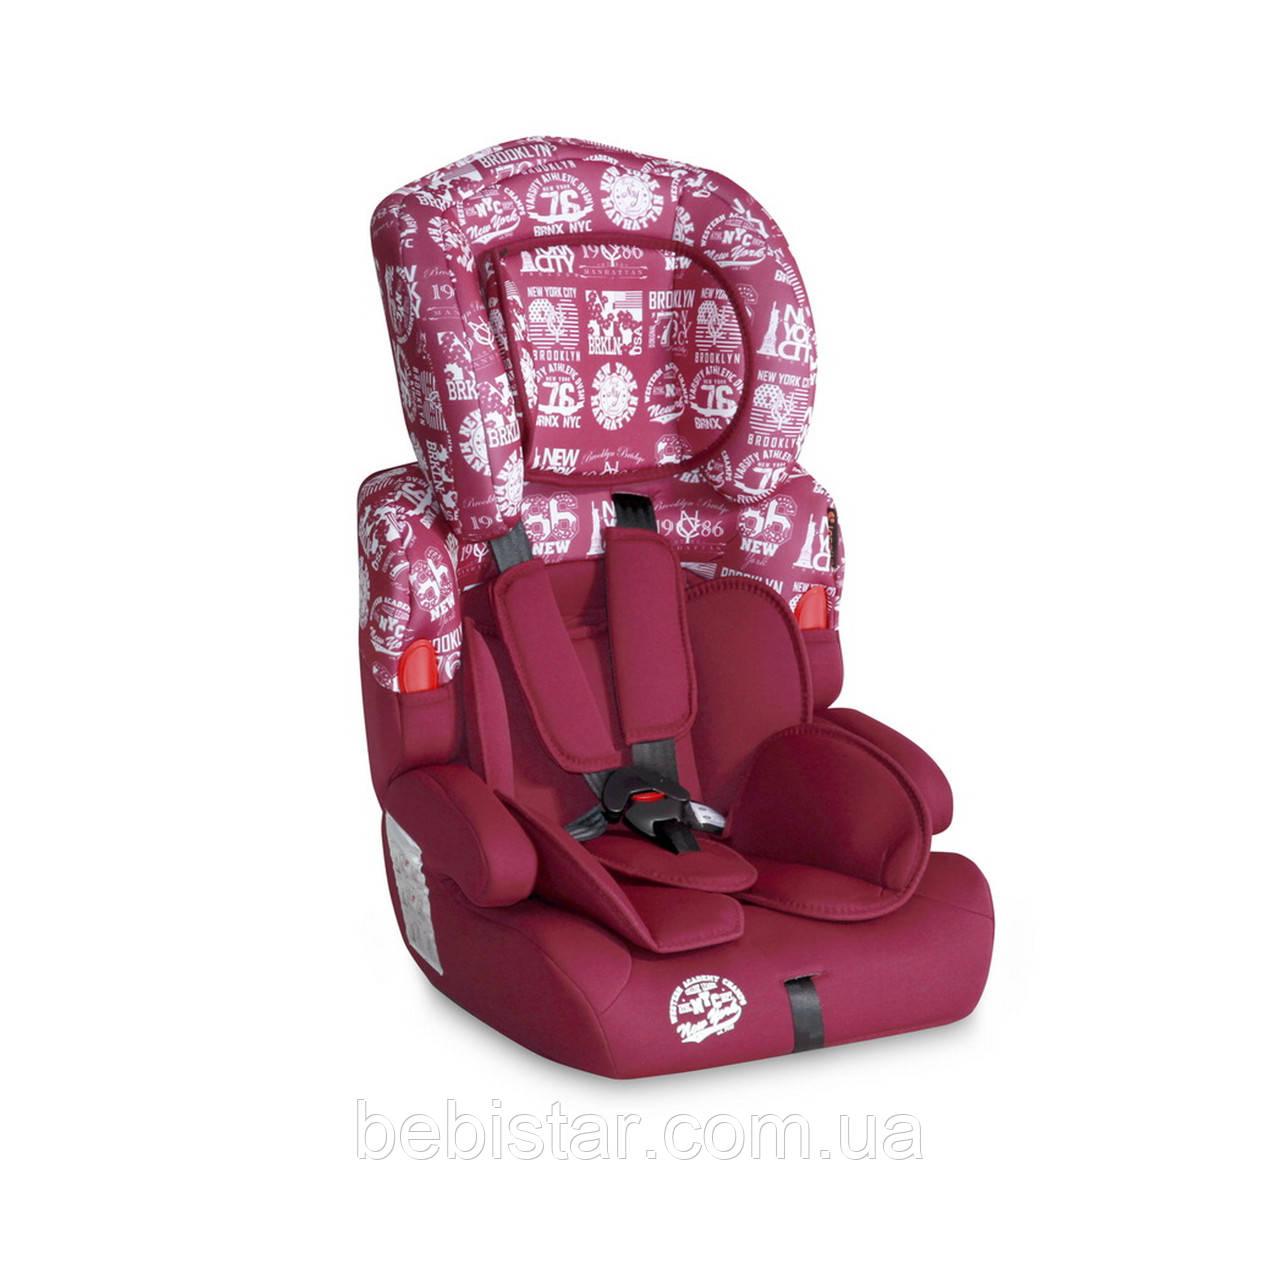 Автокресло красное Lorelli KIDDY 9-36 KG RED для детей от 1 года до 12 лет